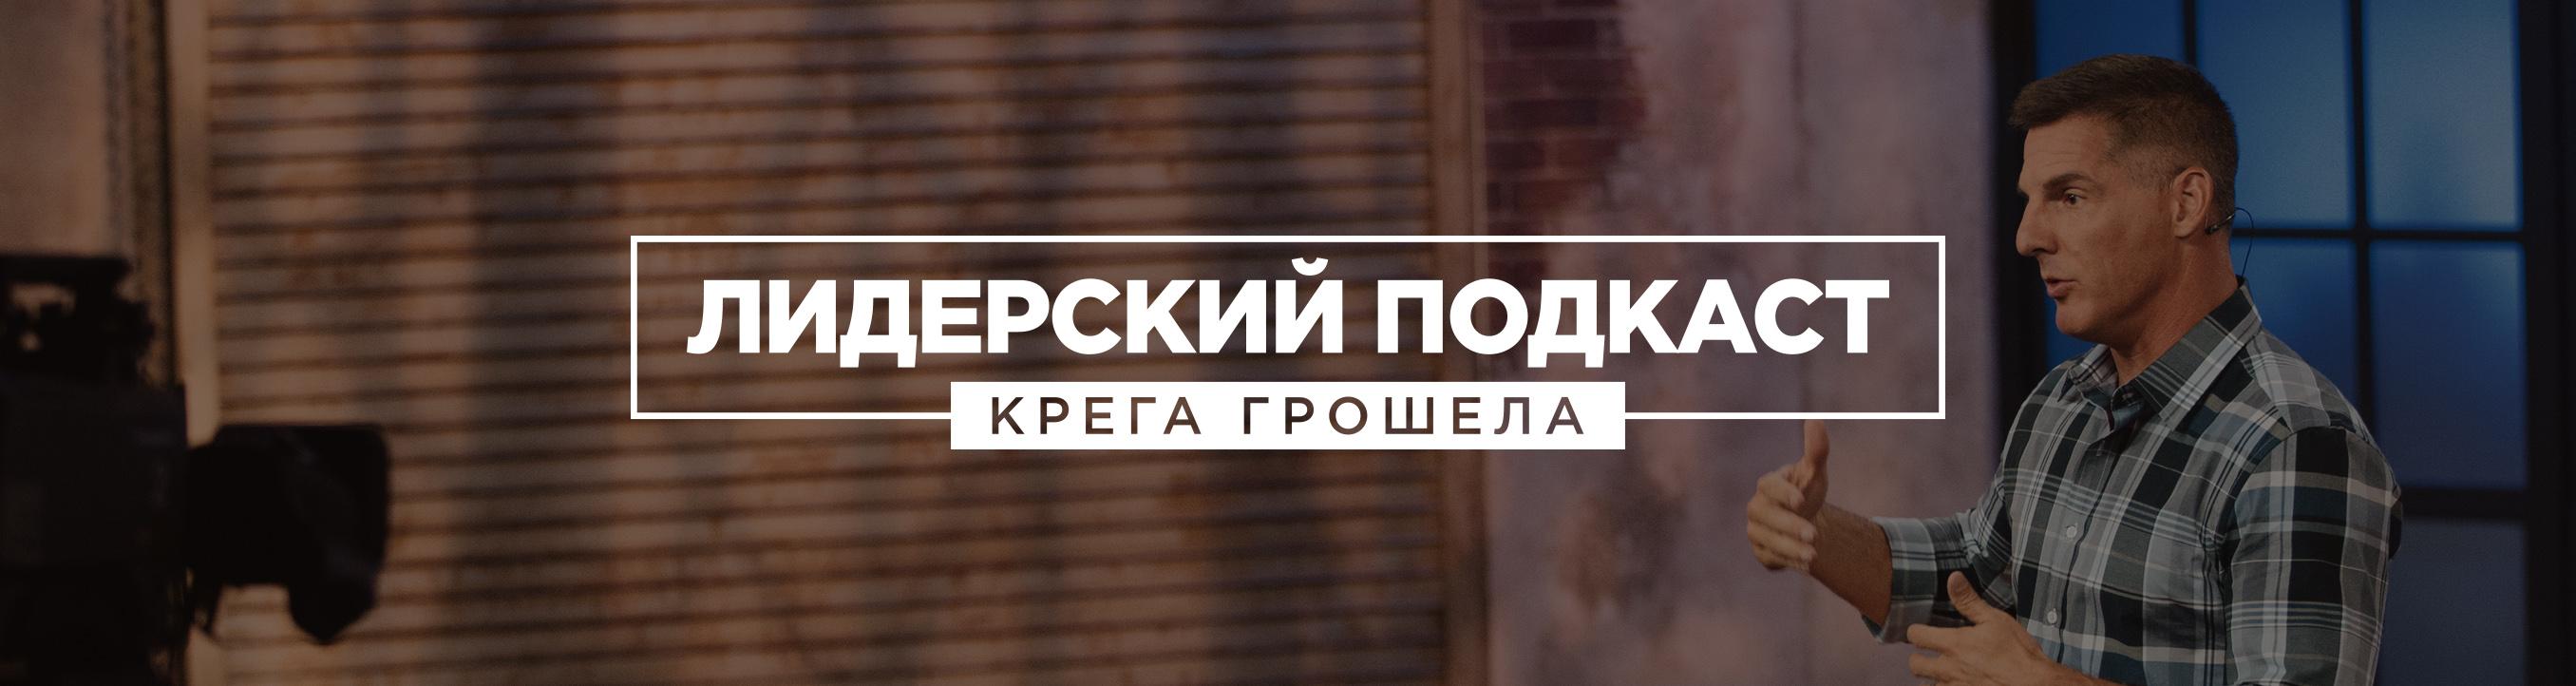 Лидерский подкаст Крега Грошела